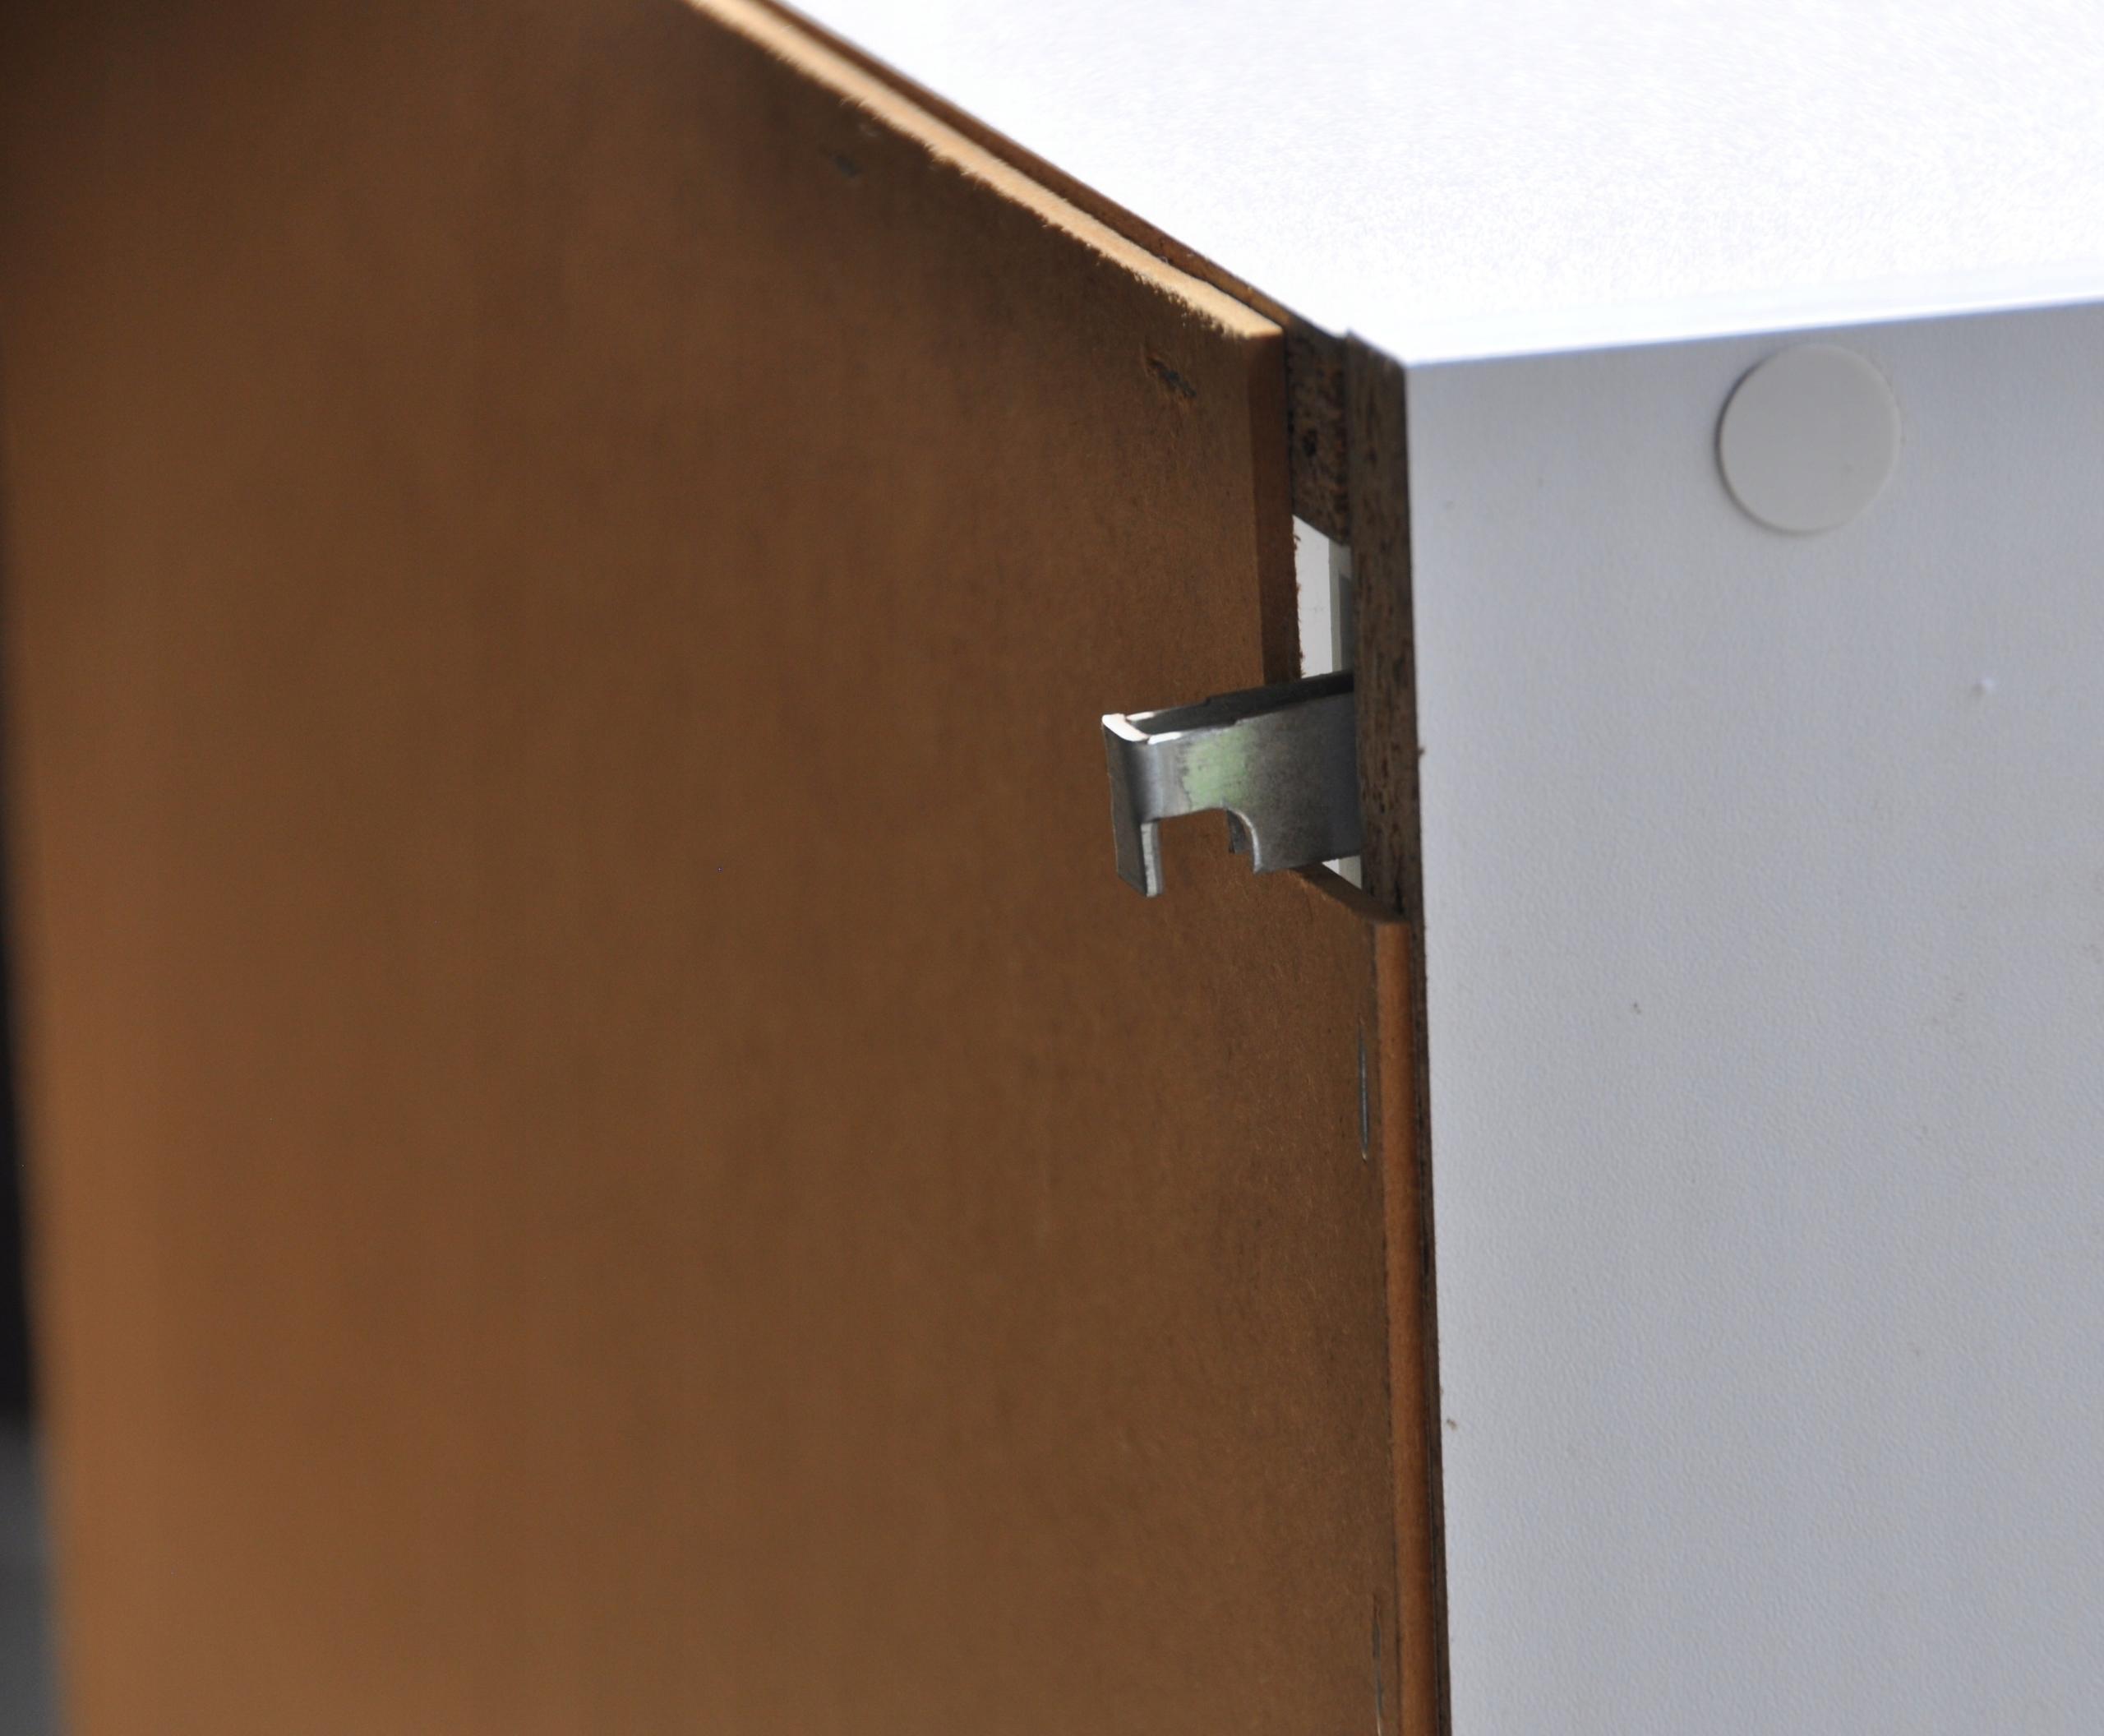 Szafka łazienkowa wisząca klapa połysk 70 Szerokość mebla 70 cm